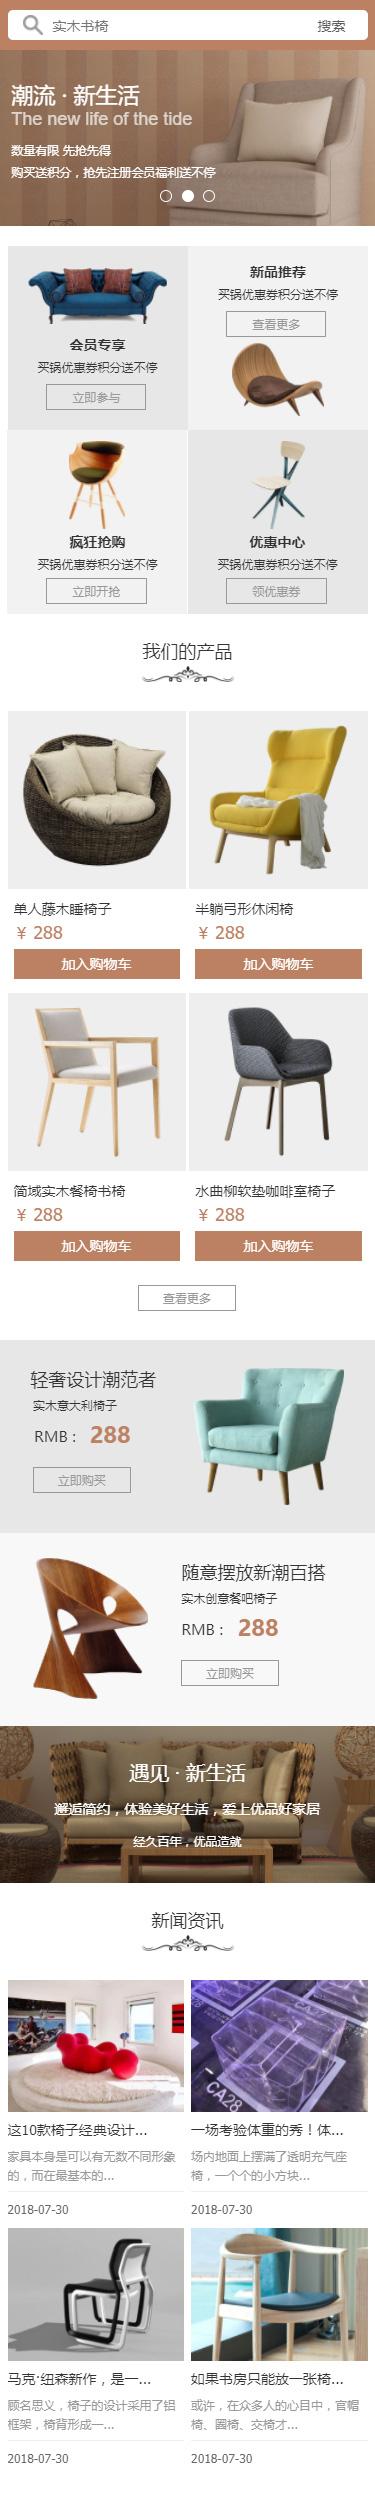 OnHan椅子商城分销小程序模板